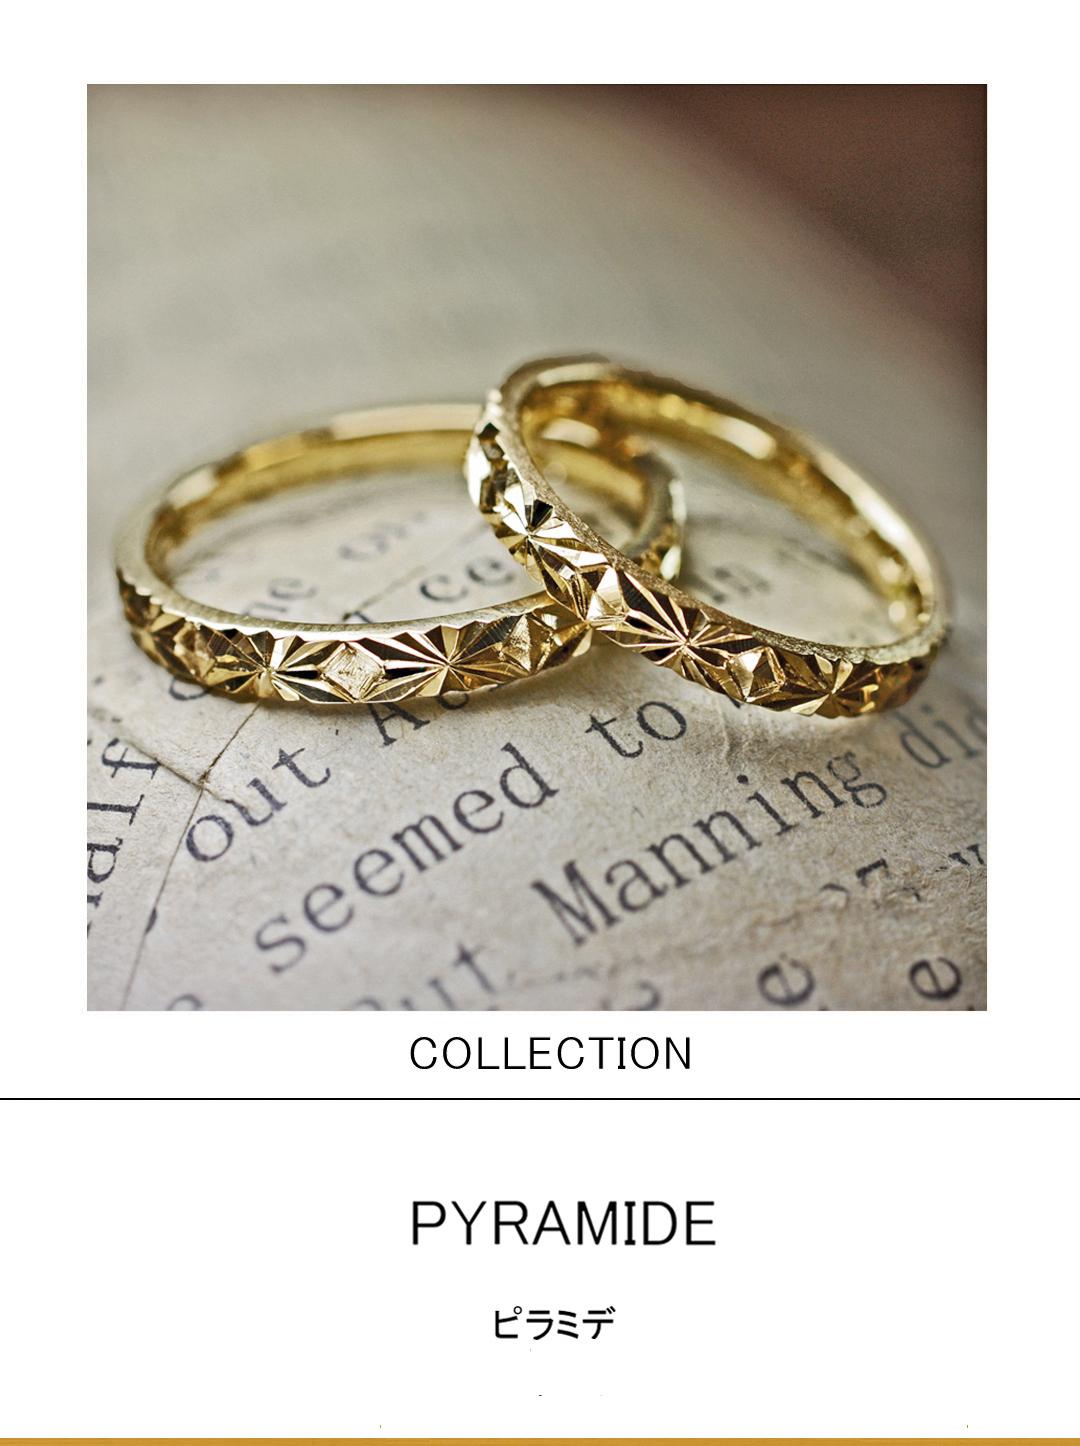 ピラミデ・幾何学模様をデザインした華やかに光るゴールドの結婚指輪のサムネイル